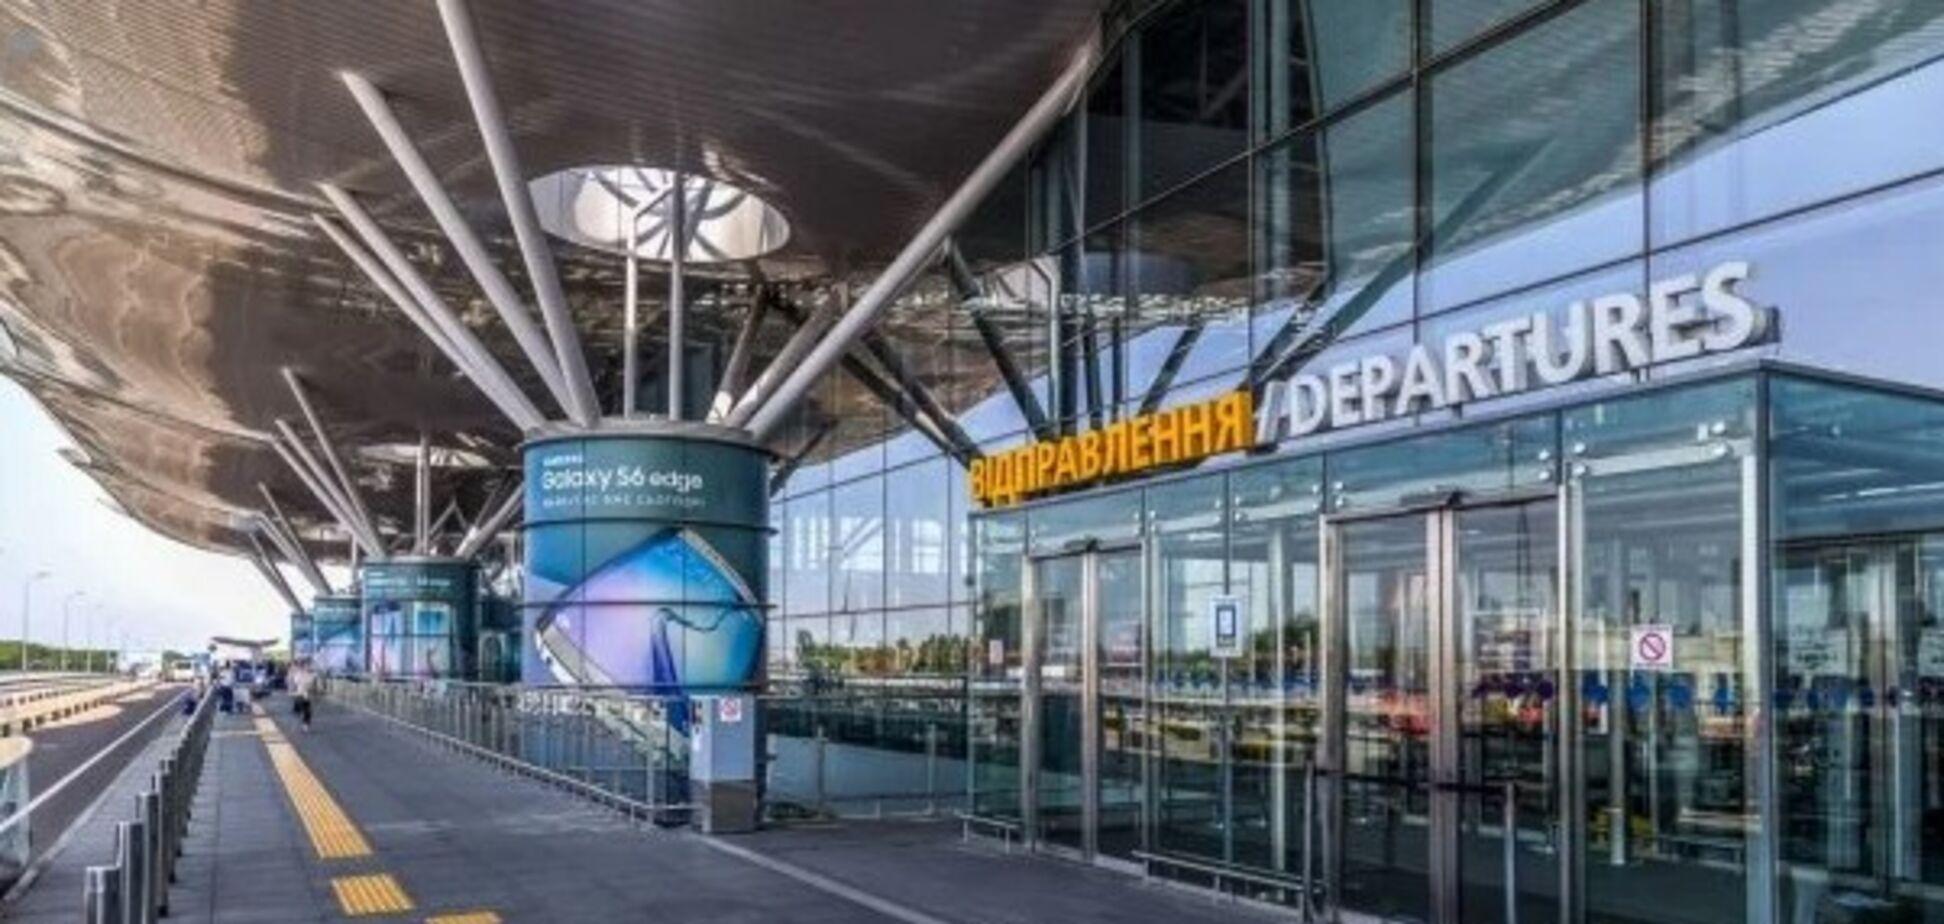 'Борисполь' ввел новые правила для пассажиров: что нужно знать обязательно